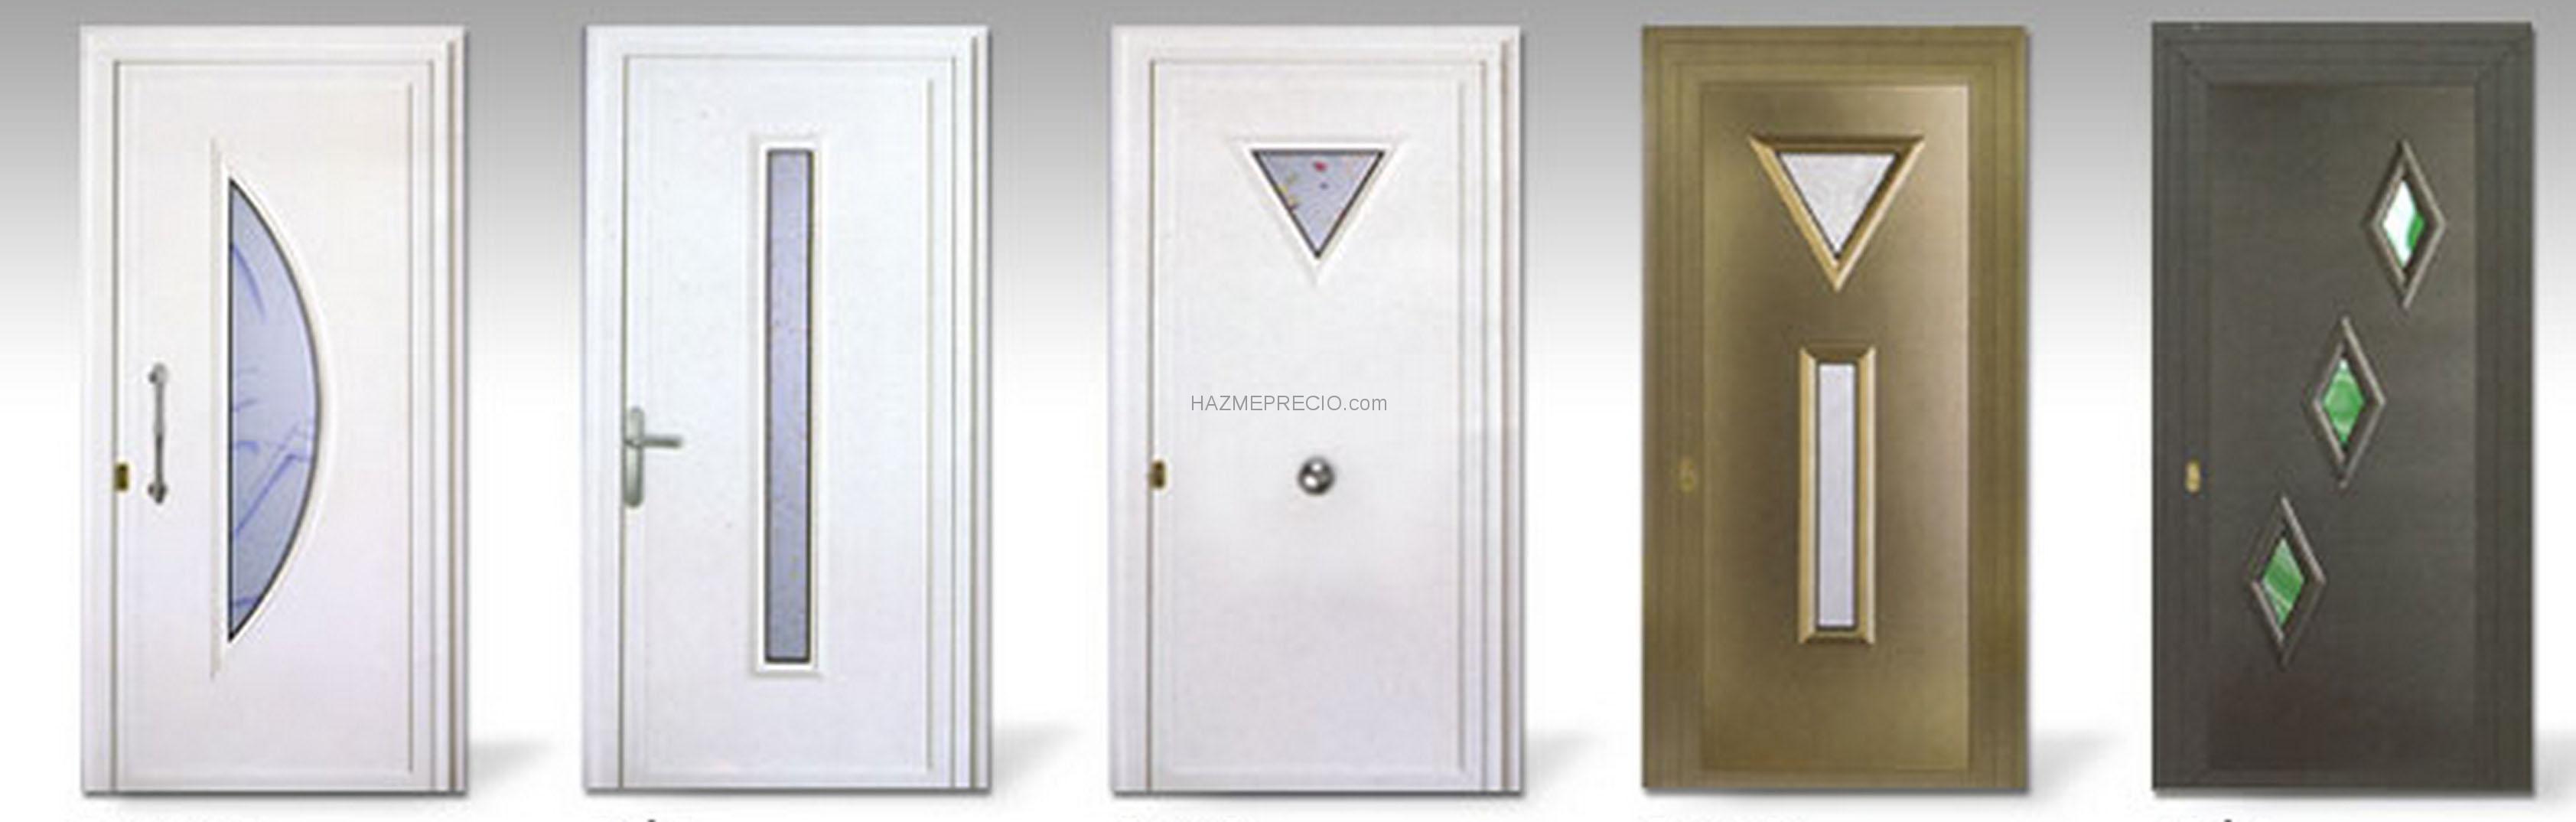 Puertas de aluminio modernas imagui for Puertas metalicas modernas para exterior